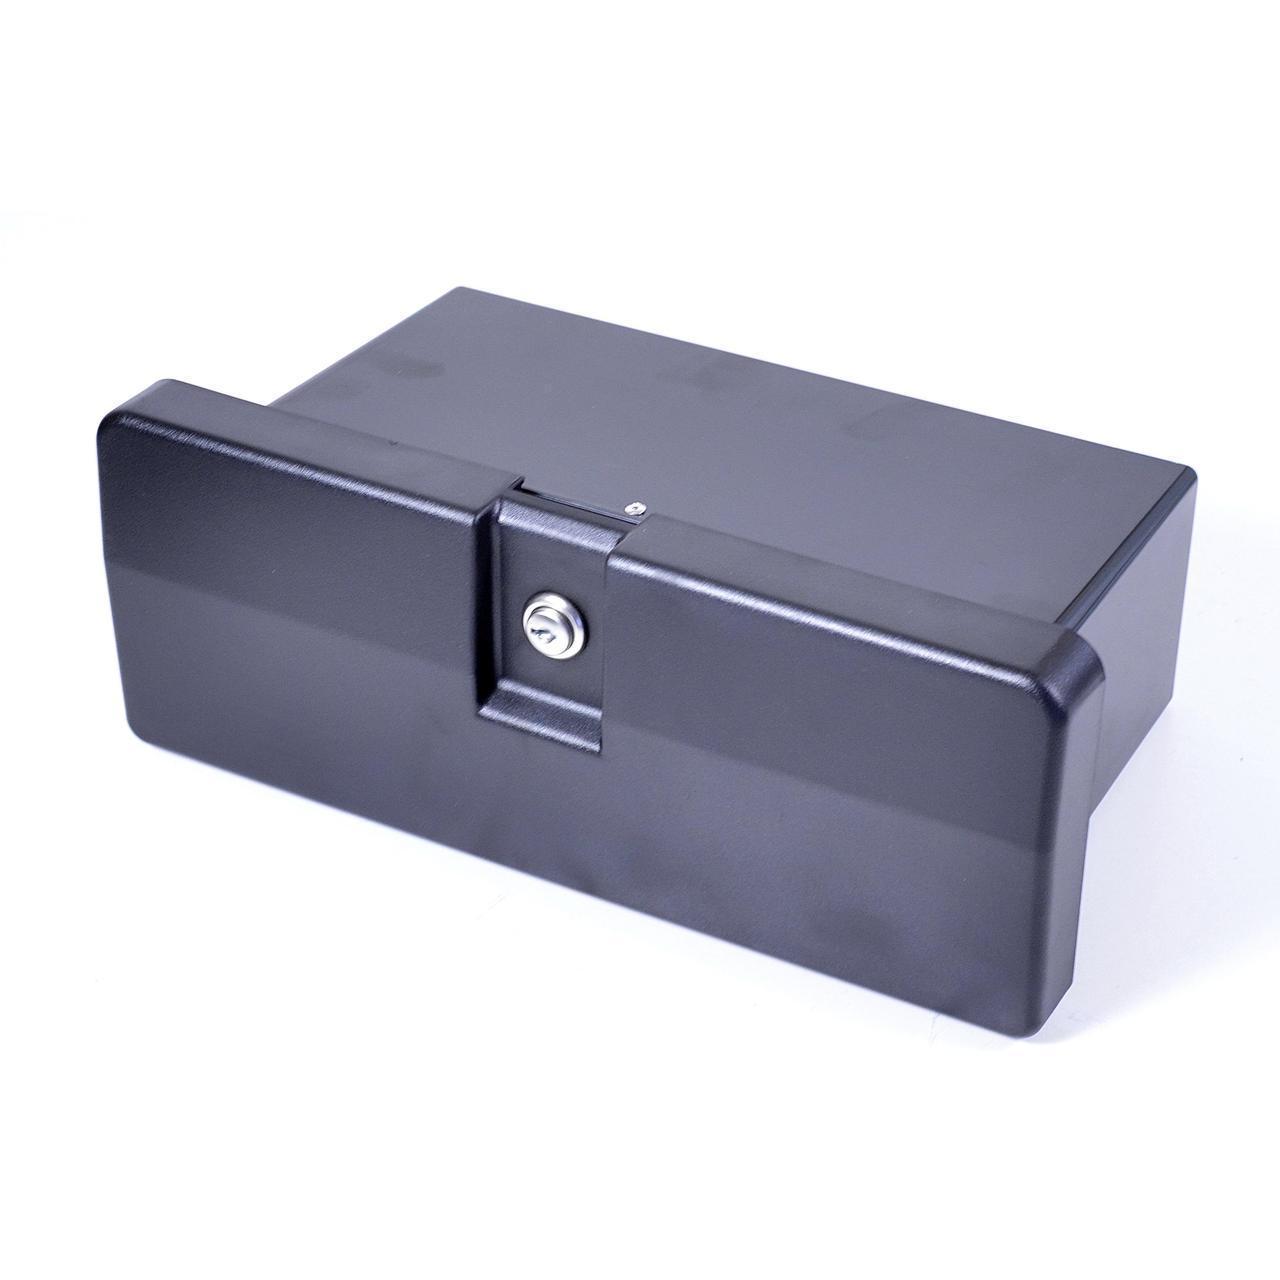 Ящик для аксессуаров Esterner C12200